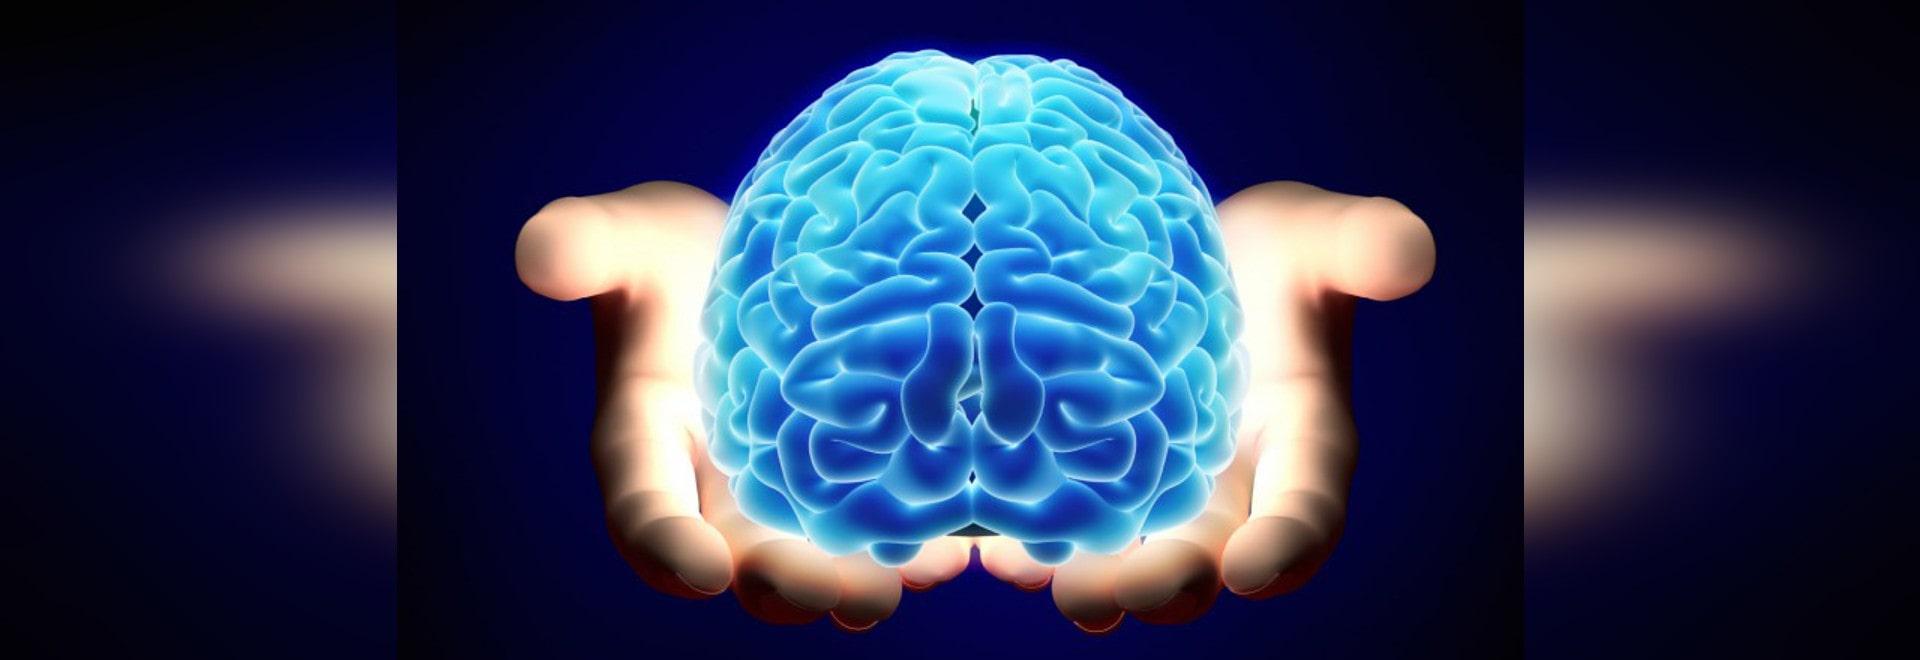 NEUROROBOTICS: CHE ROBOT POSSONO INSEGNARCI GLI STATI UNITI CIRCA